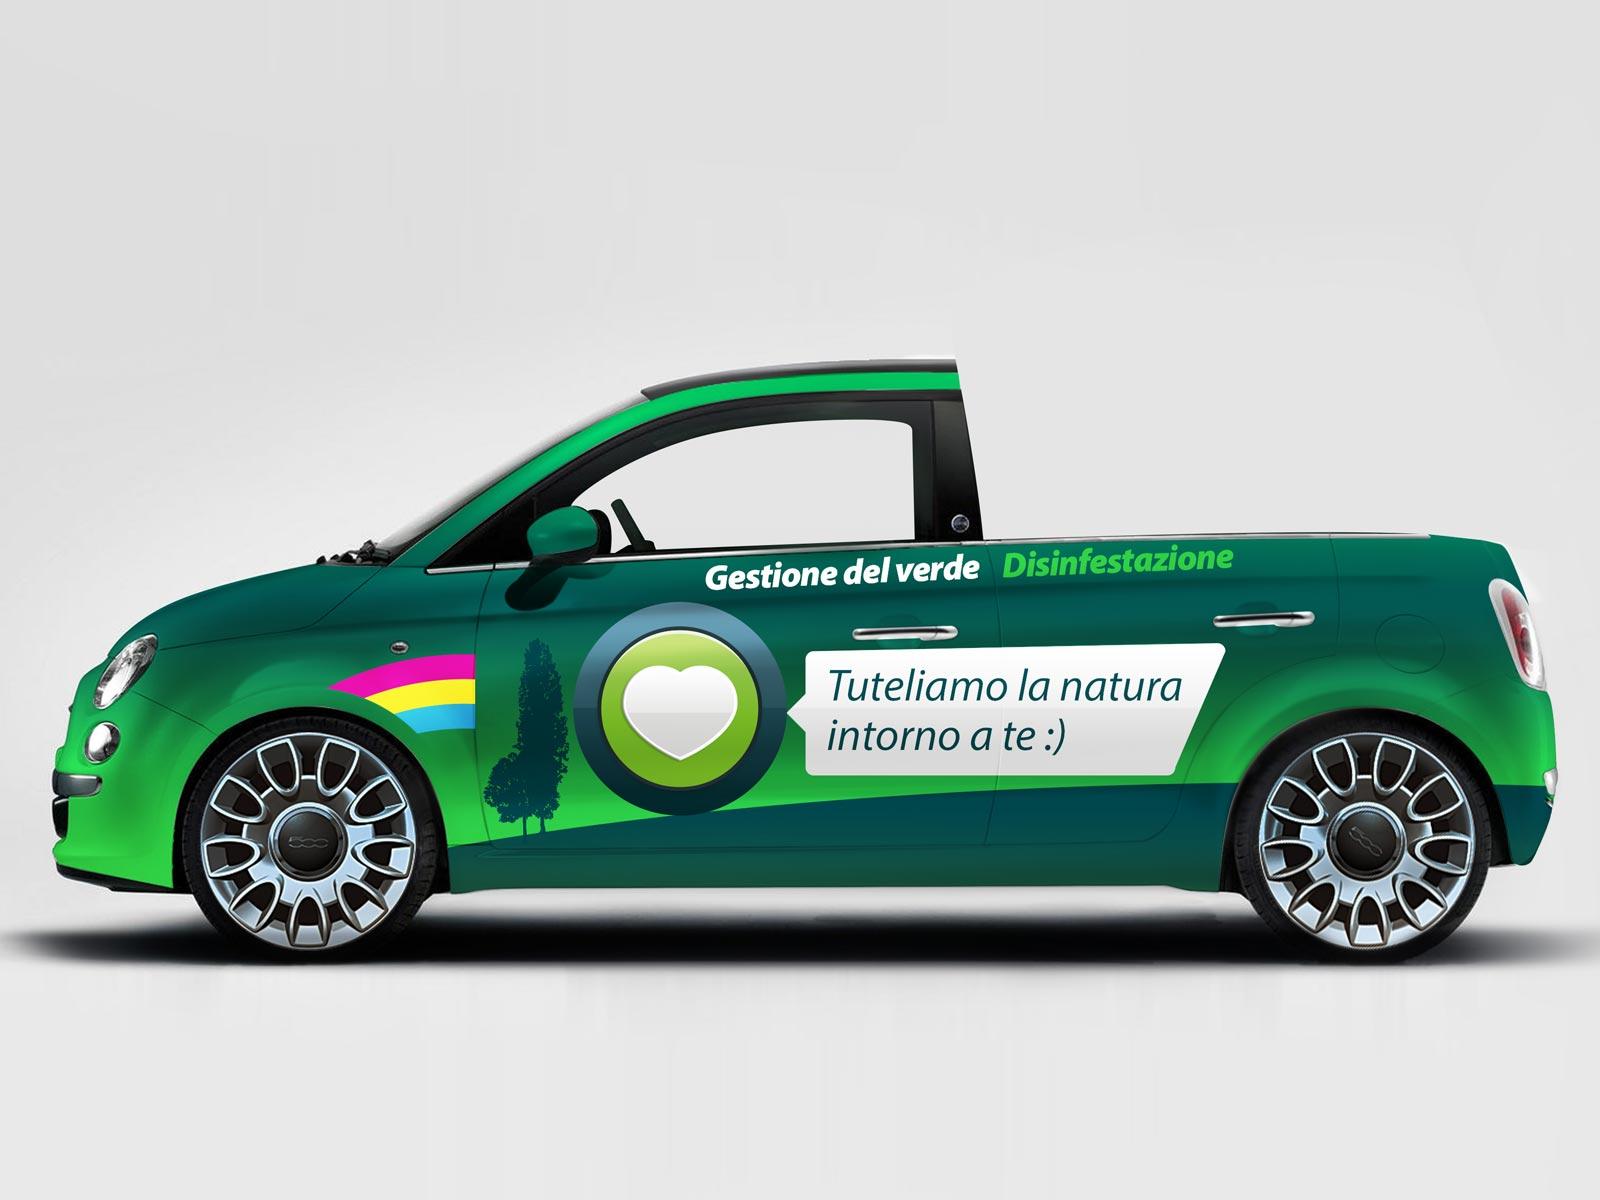 Grafiche personalizzate per Furgoni, Auto e Camion a Brescia